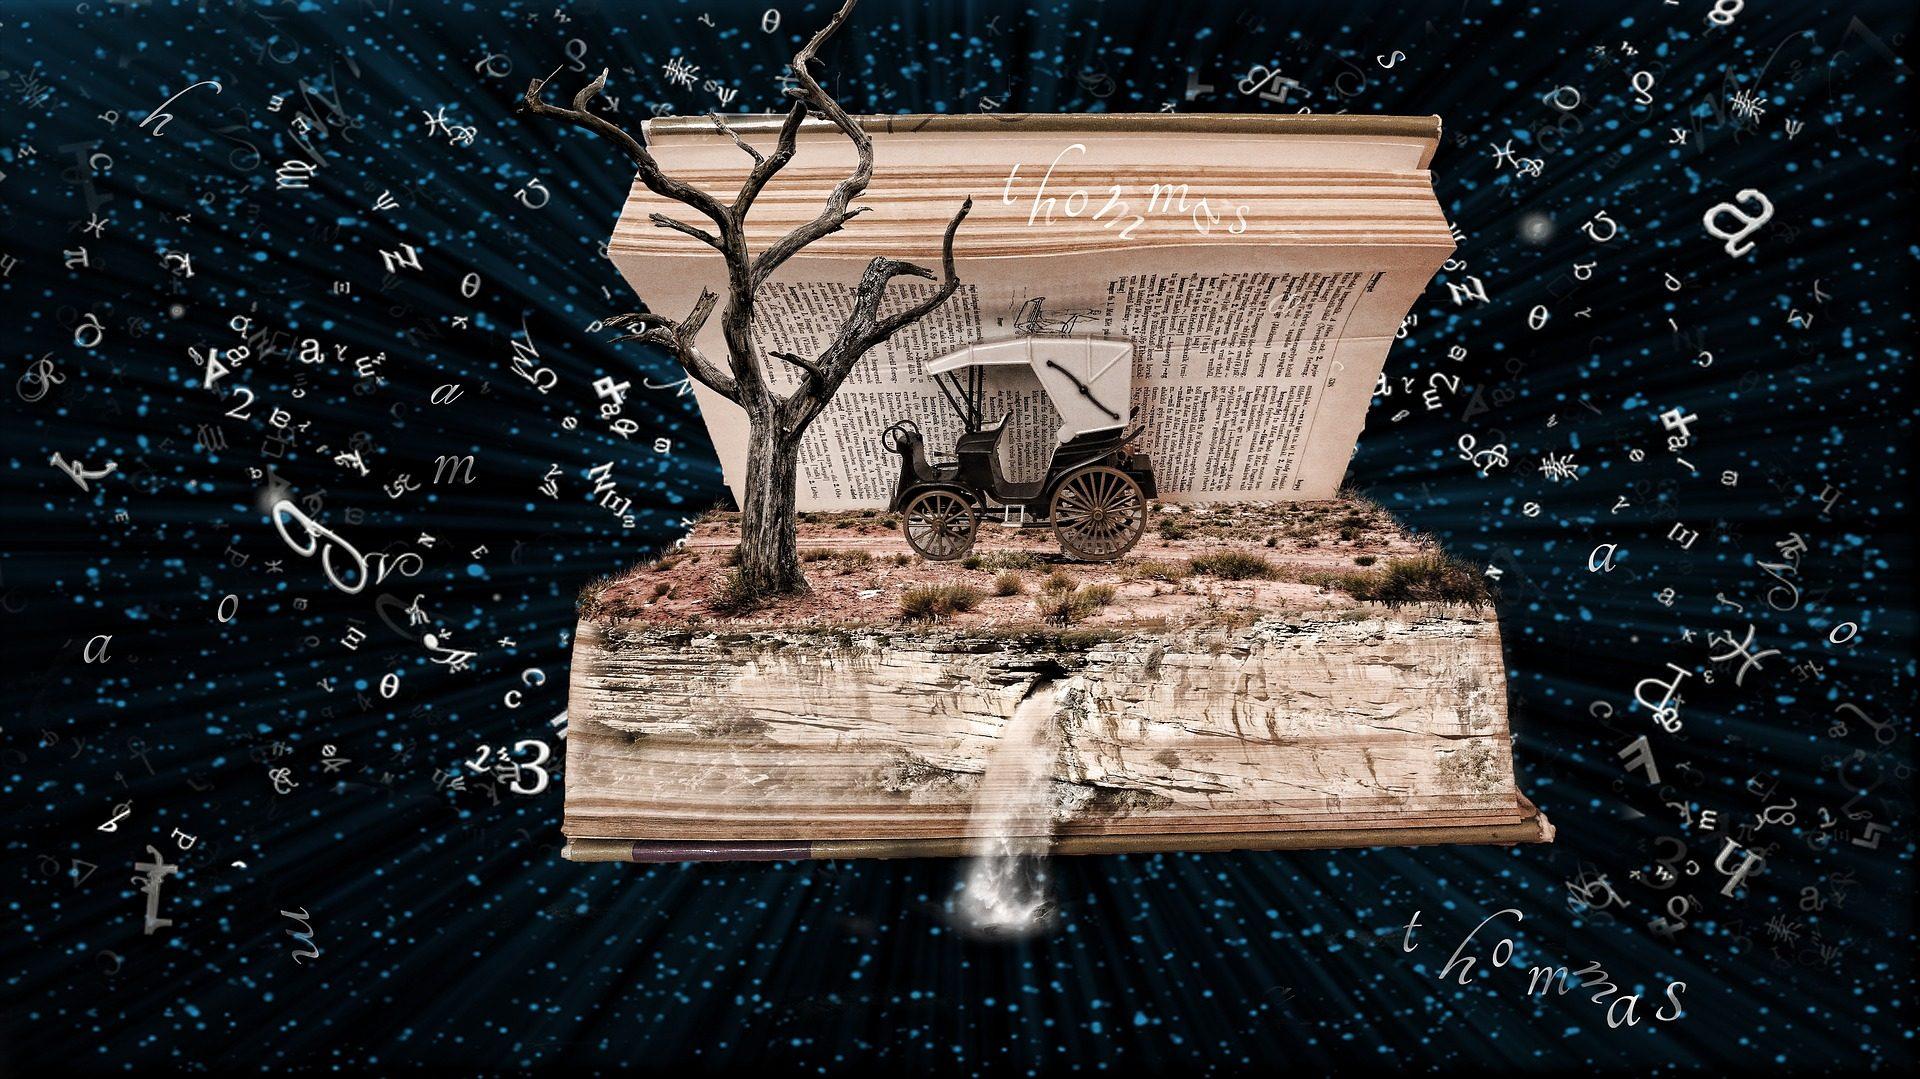 Βιβλίο, αυτοκίνητο, παλιά, παλιάς χρονολογίας, δέντρο, Στίχοι - Wallpapers HD - Professor-falken.com